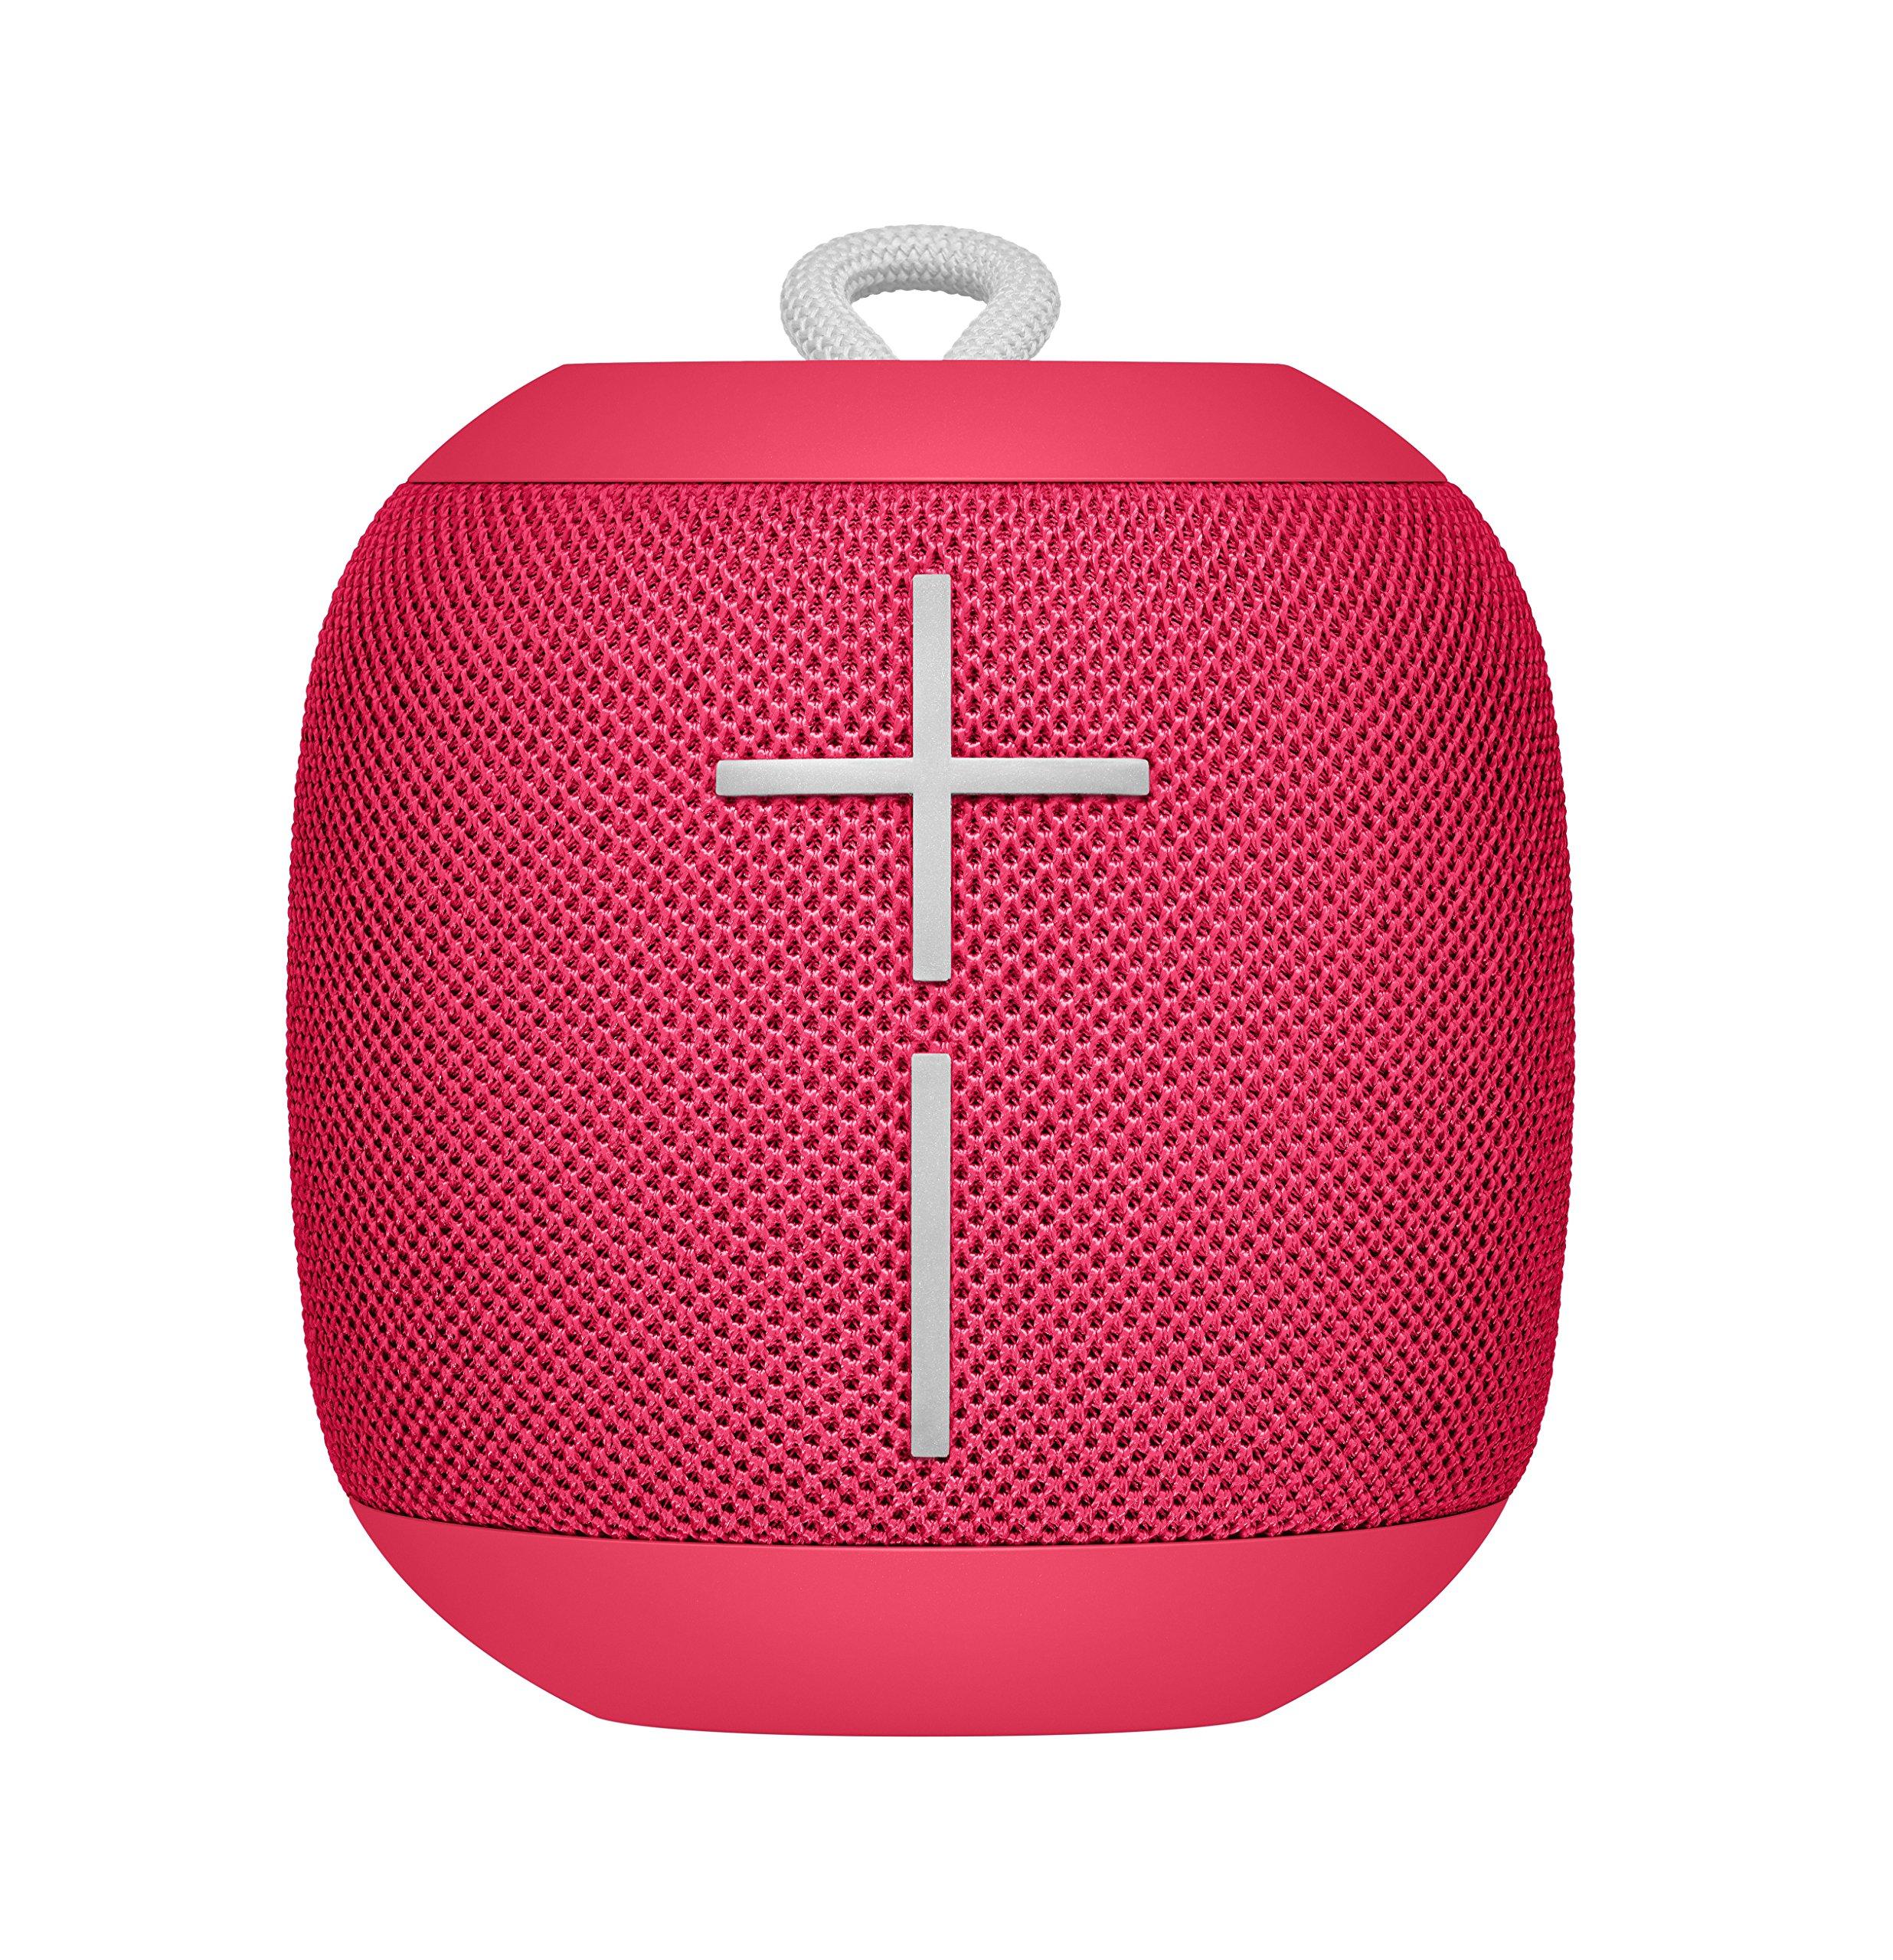 WONDERBOOM Waterproof Bluetooth Speaker - Raspberry